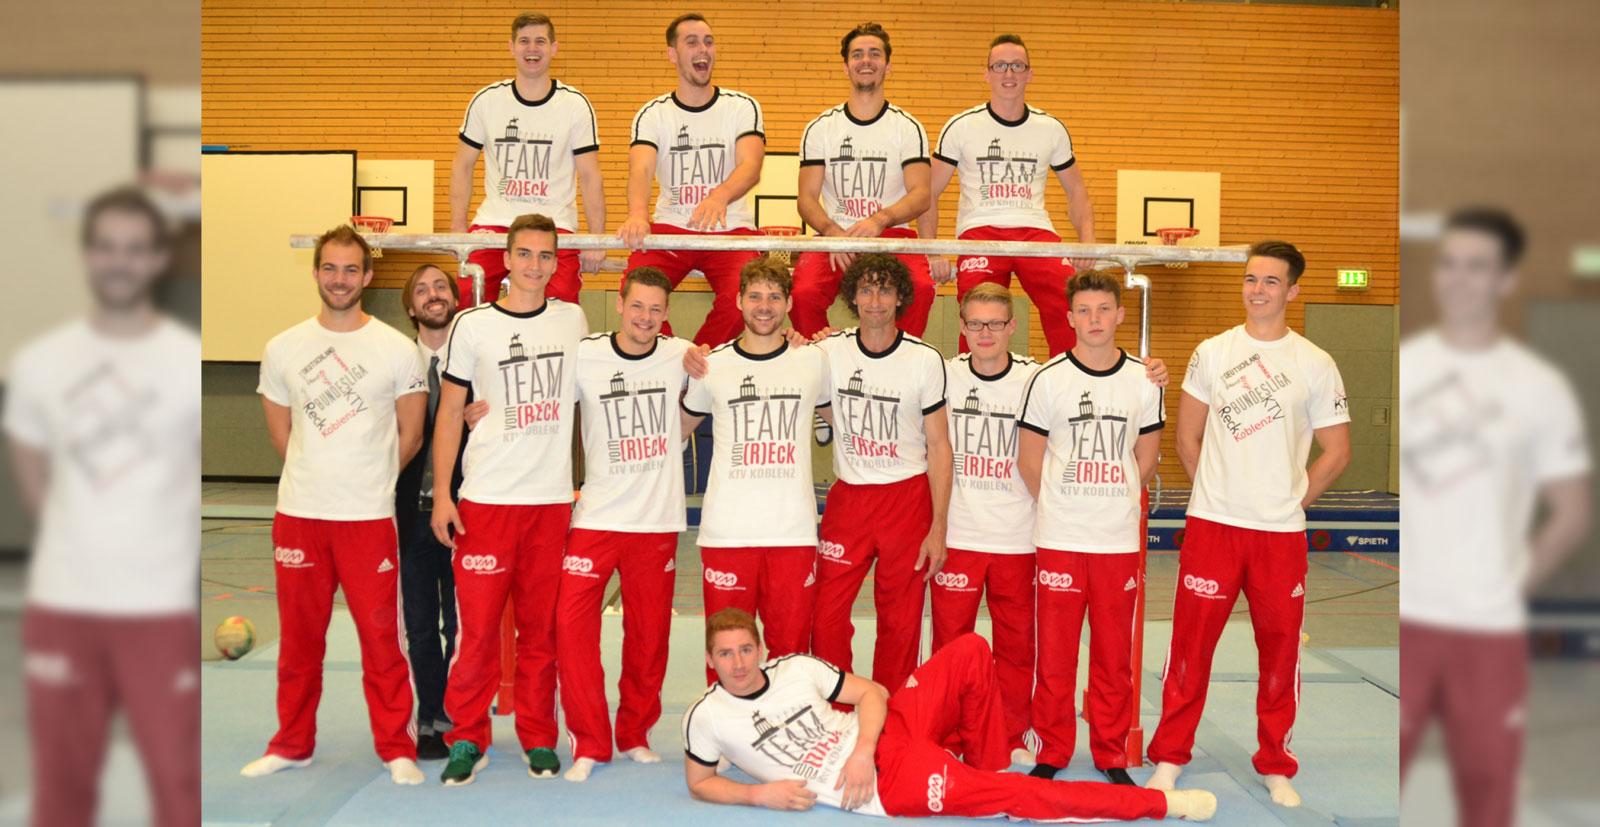 Letzter Wettkampftag in der 2. Kunstturn-Bundesliga:   KTV will Sieg und Platz fünf